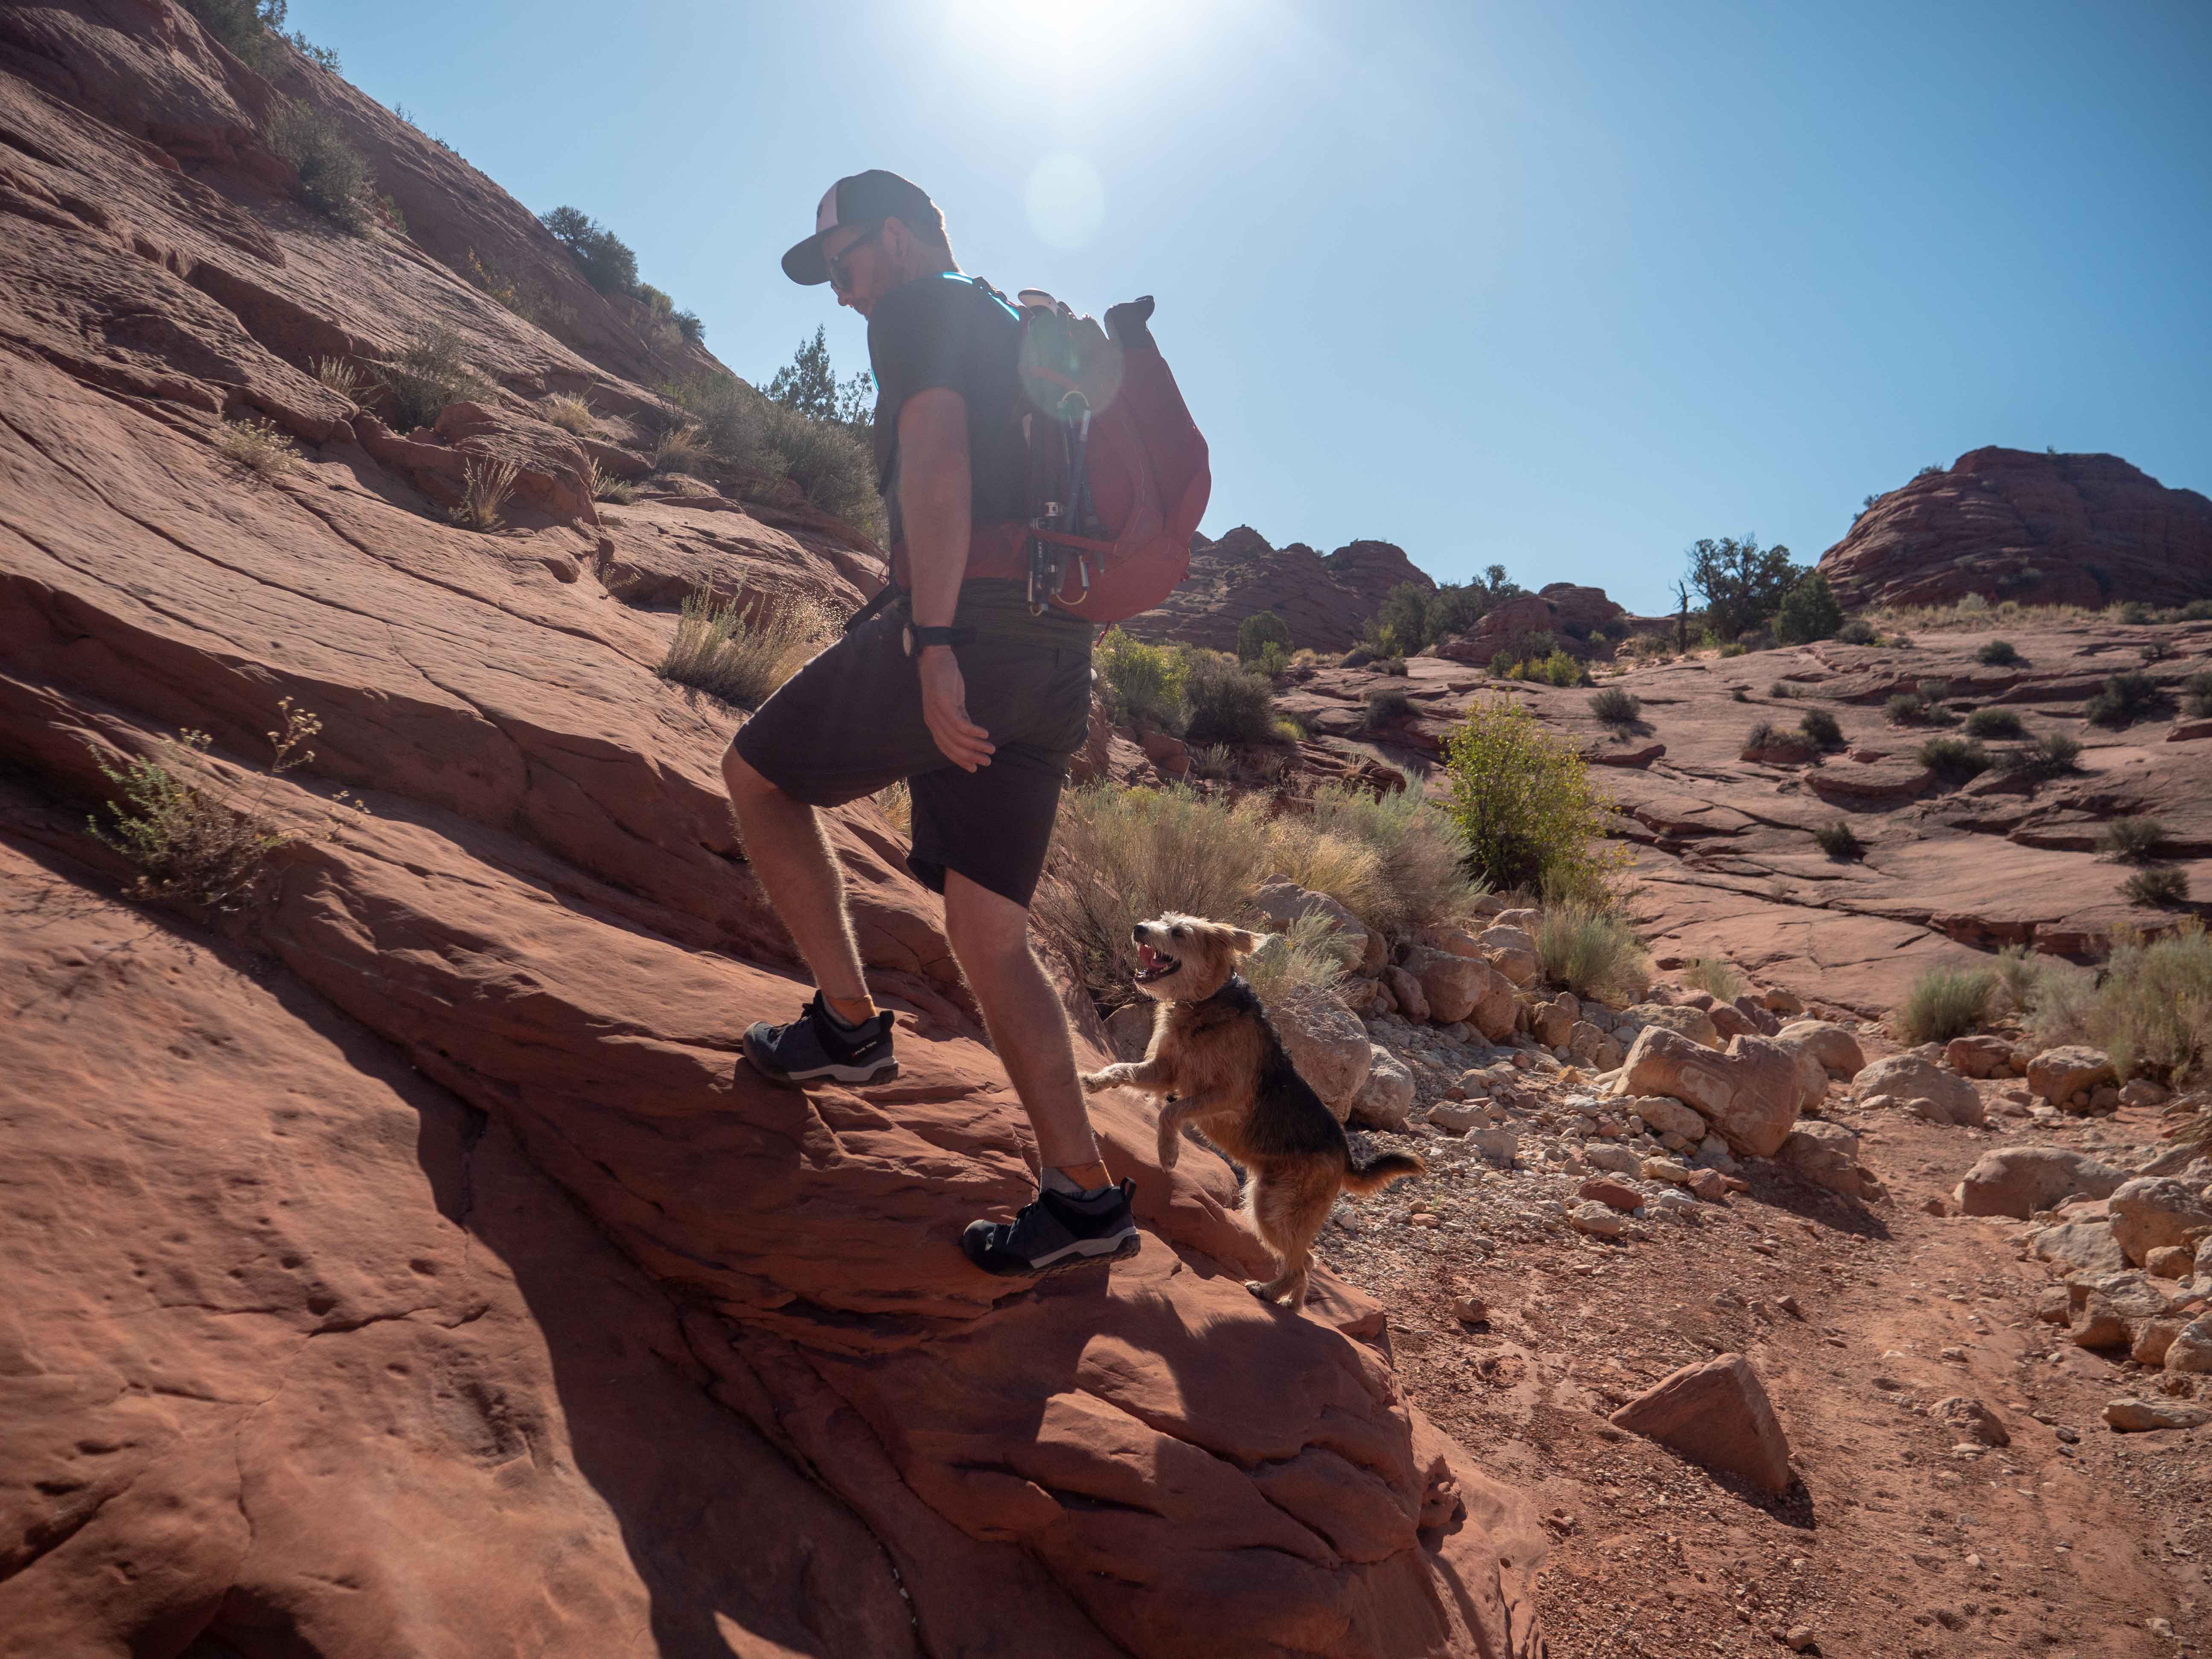 get-outdoors-responsibly-dirtbagdreams.com